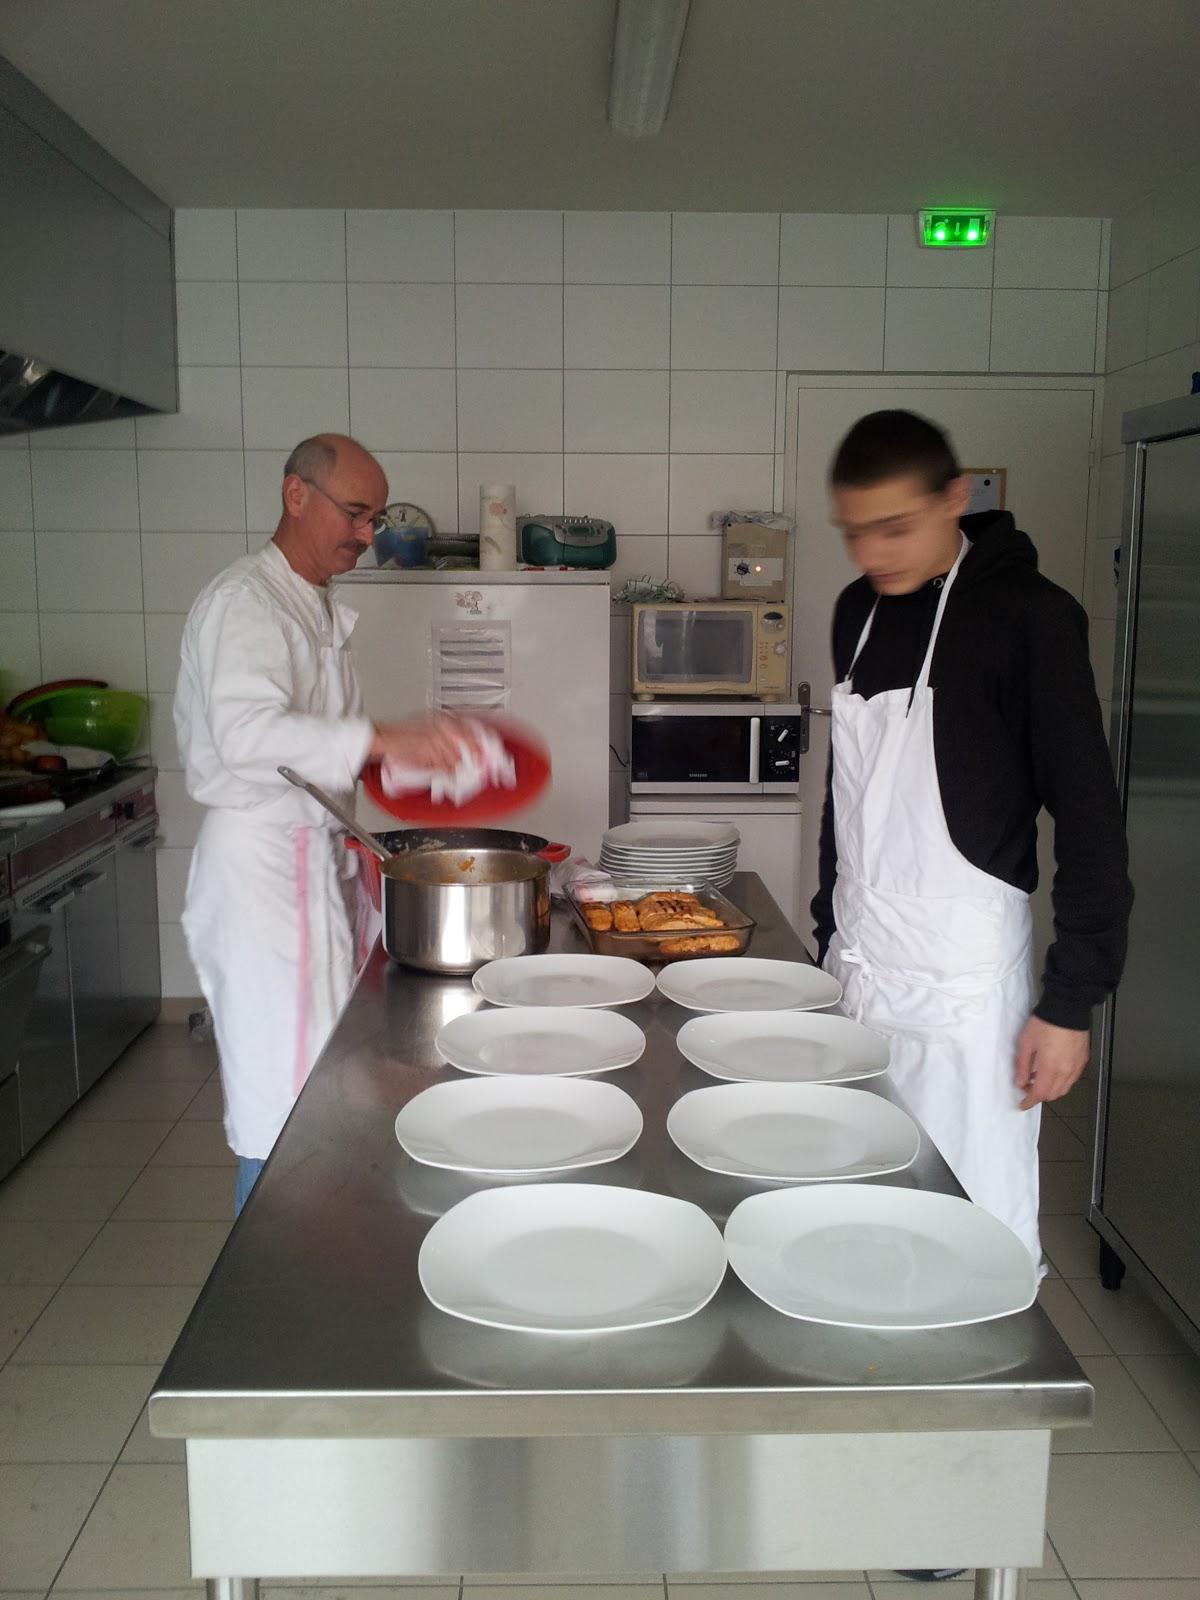 Ueaj des savoie l 39 atelier cuisine restauration plein for L atelier cuisine